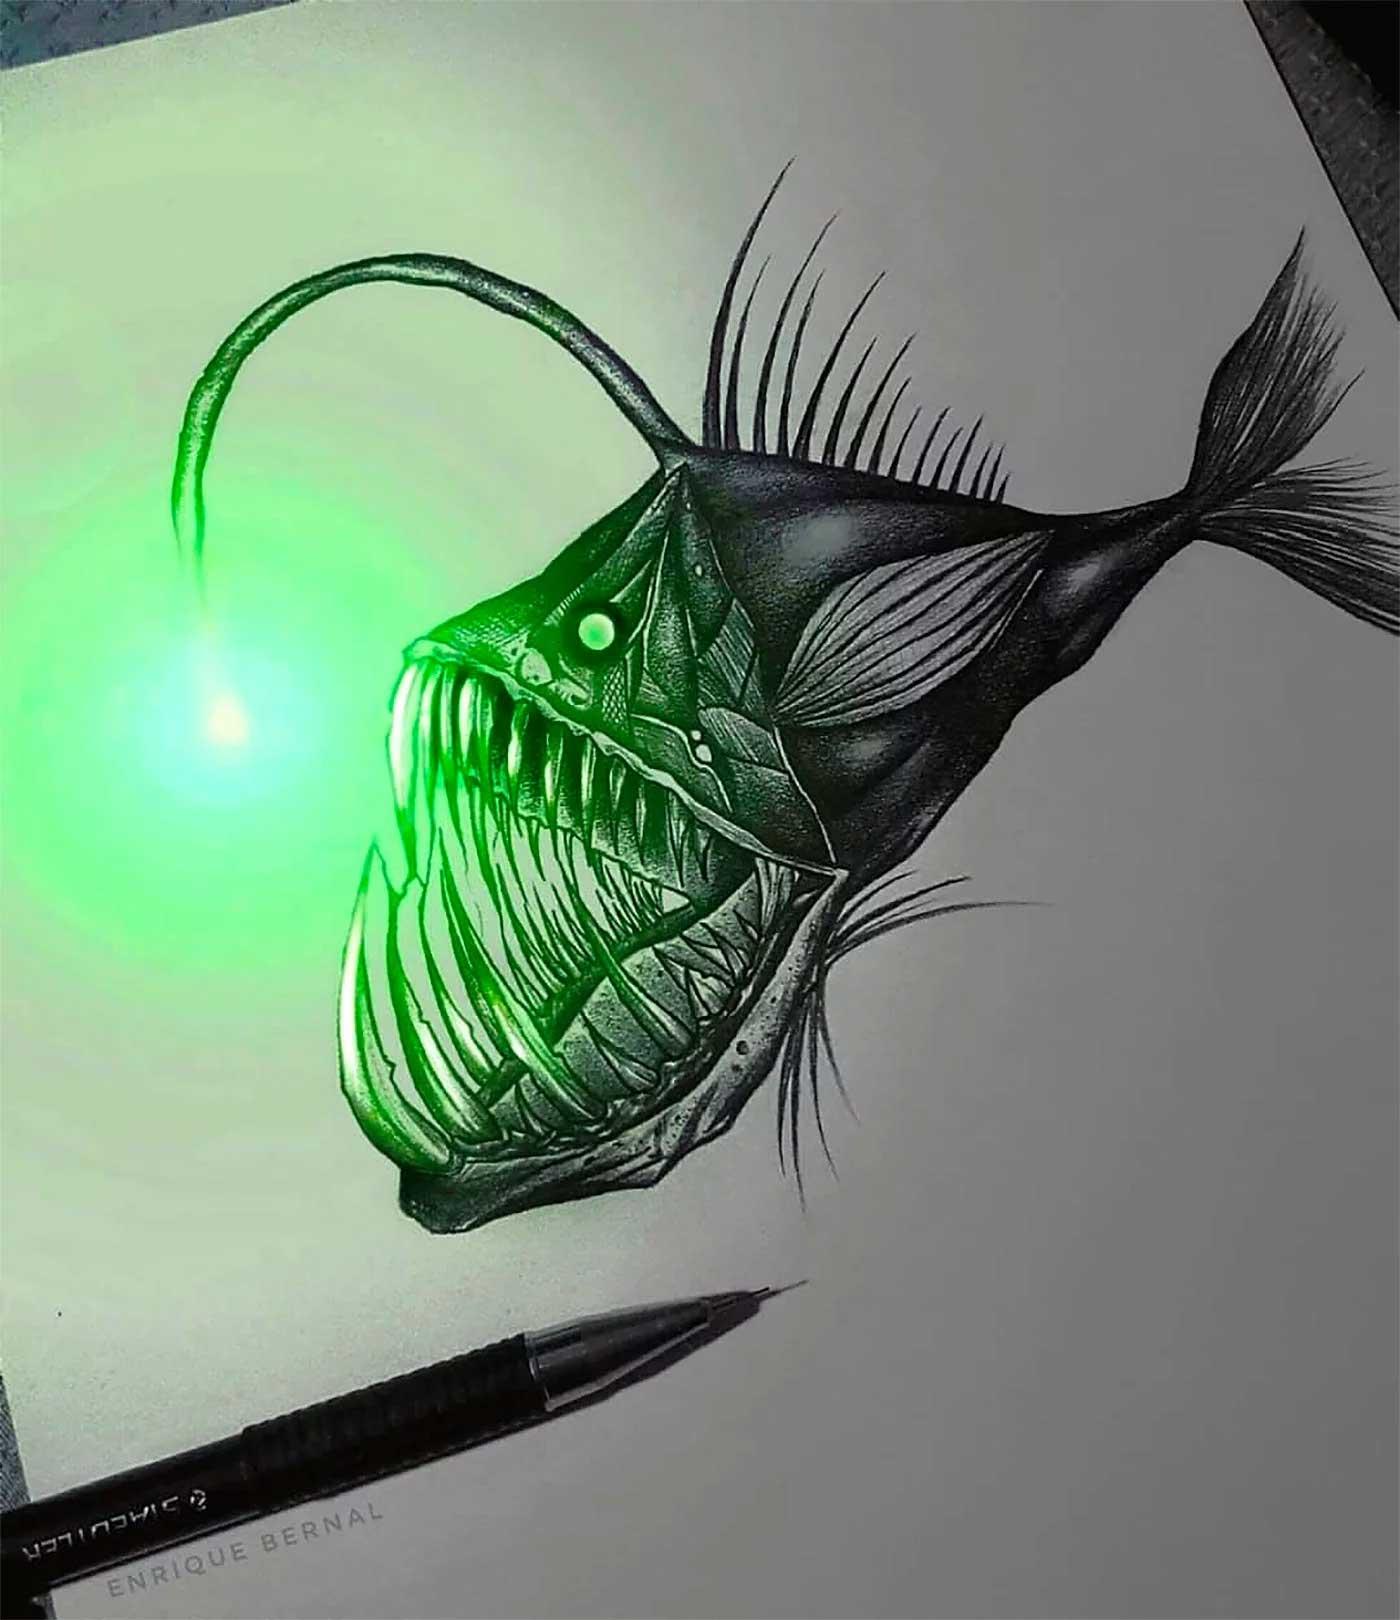 Zeichnungen von Enrique Bernal Enrique-Bernal-lichtzeichnungen_05